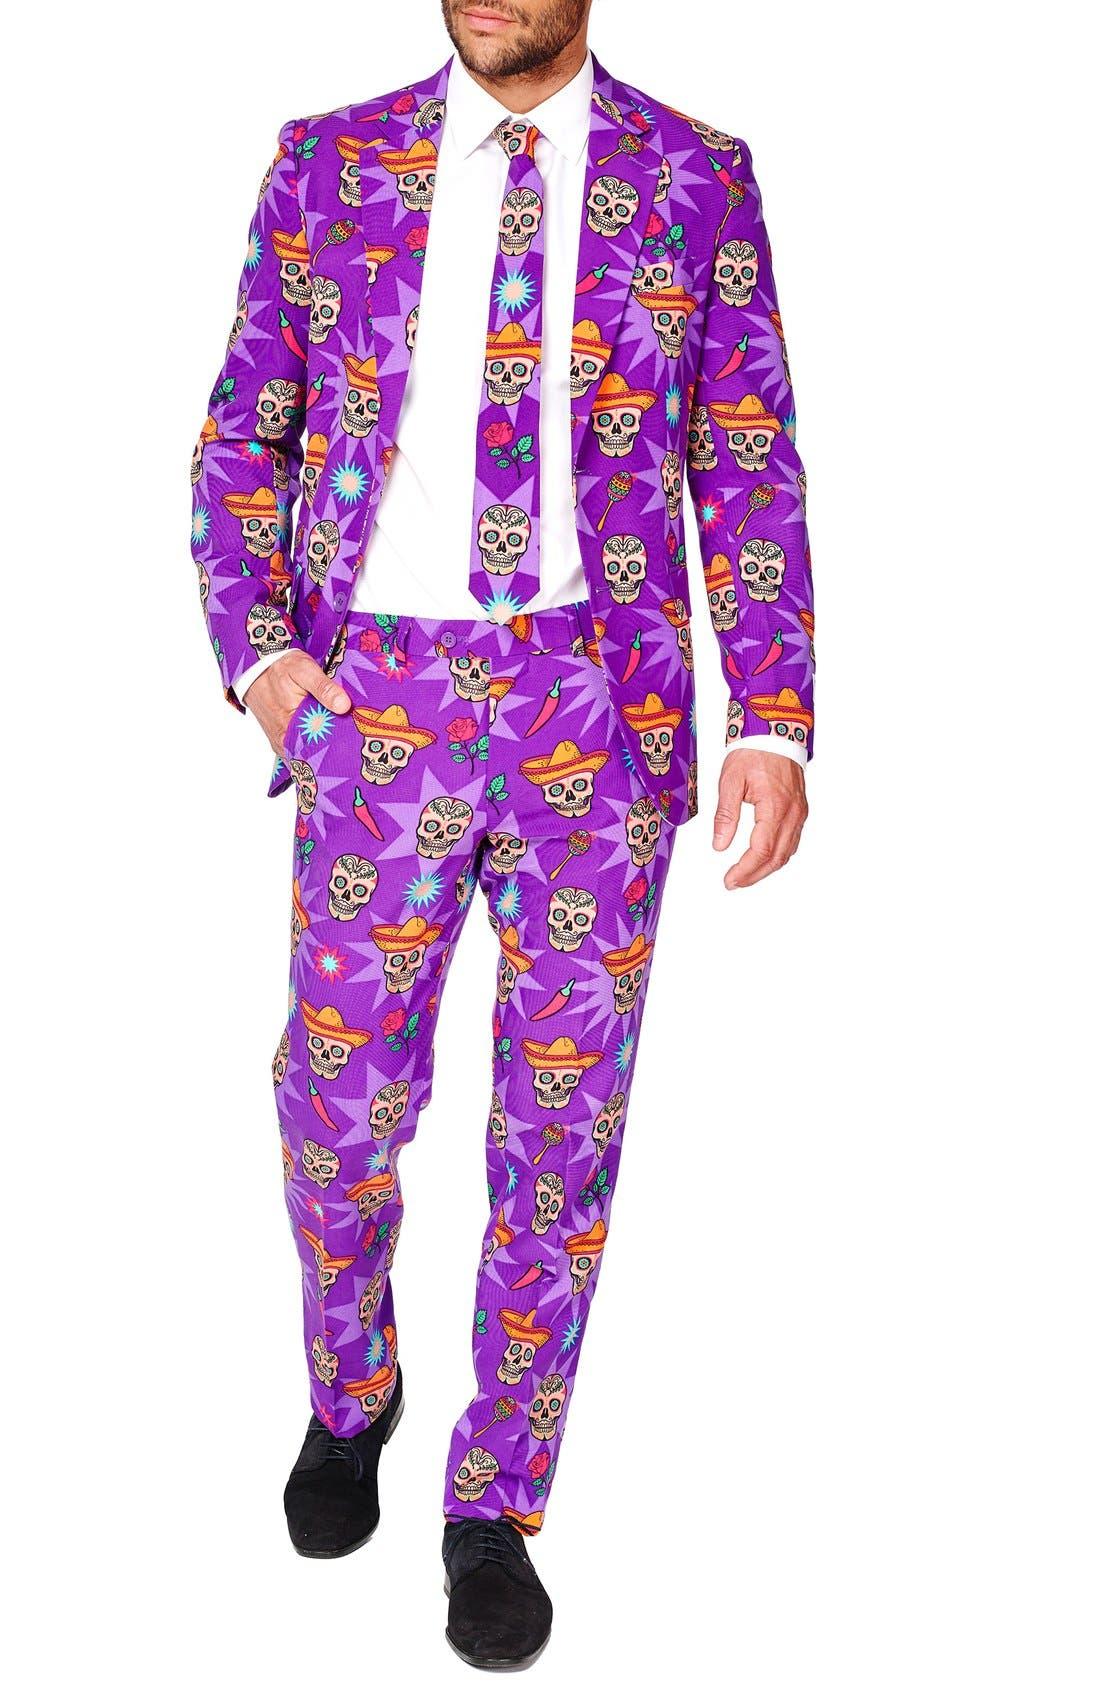 'El Muerto' Trim Fit Two-Piece Suit with Tie,                             Main thumbnail 1, color,                             520